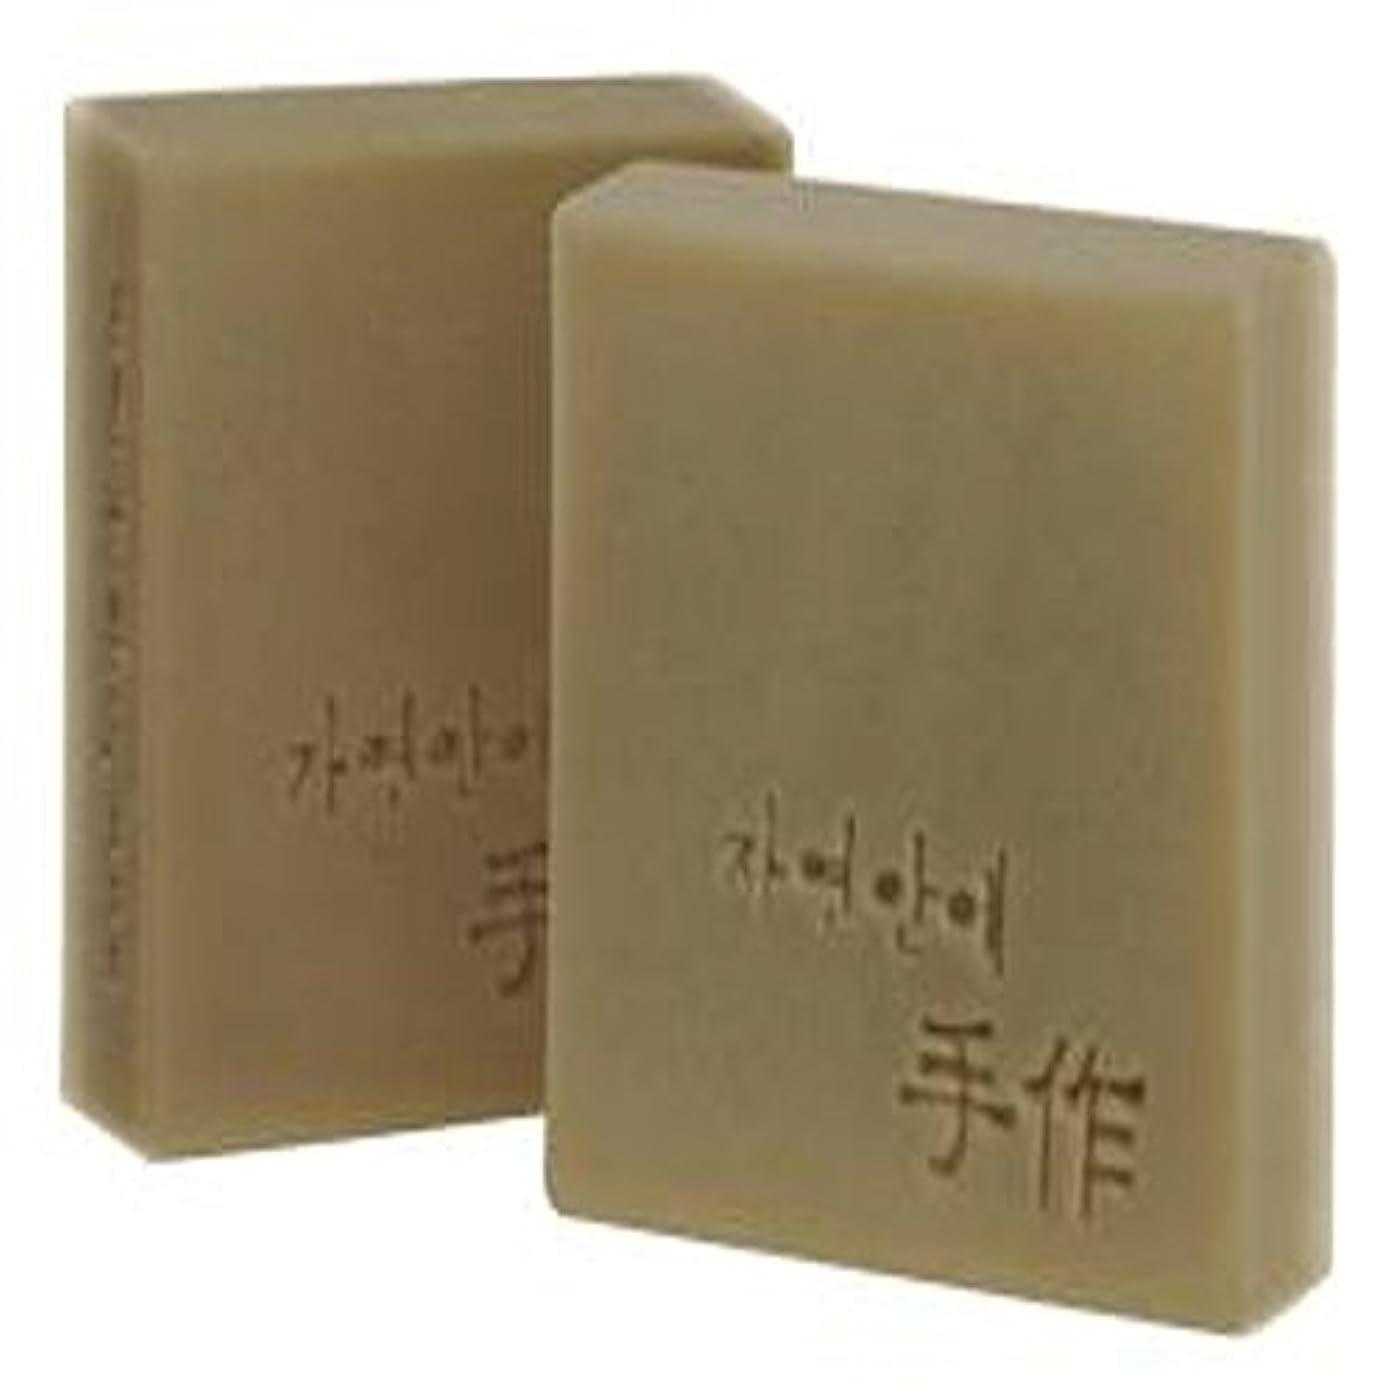 ローラー流事前にNatural organic 有機天然ソープ 固形 無添加 洗顔せっけんクレンジング 石鹸 [並行輸入品] (オートミール)